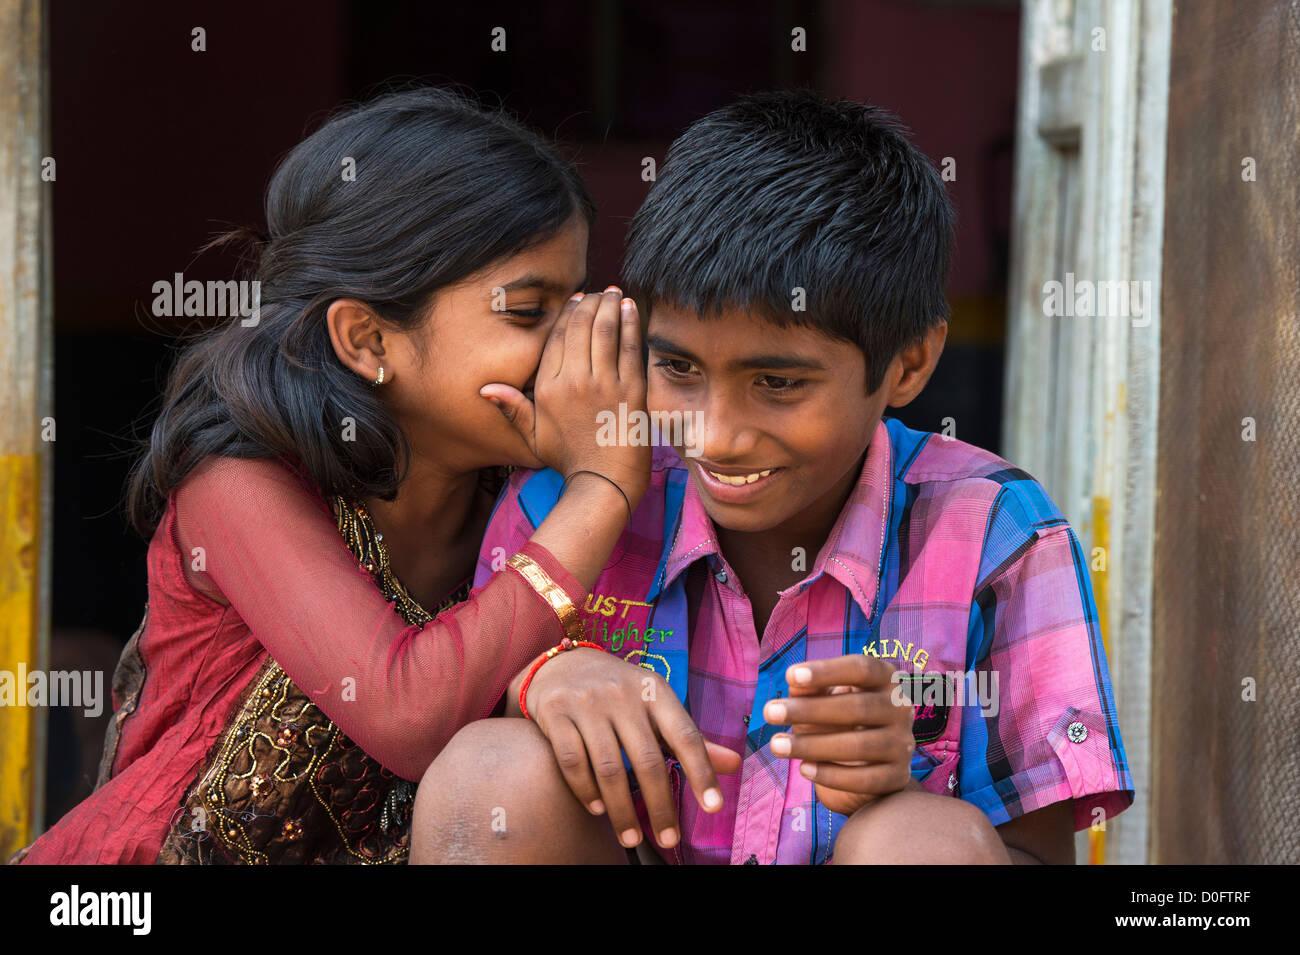 Giovane ragazza indiana whispering ad un ragazzo al di fuori delle loro zone rurali viilage indiano home. Andhra Immagini Stock